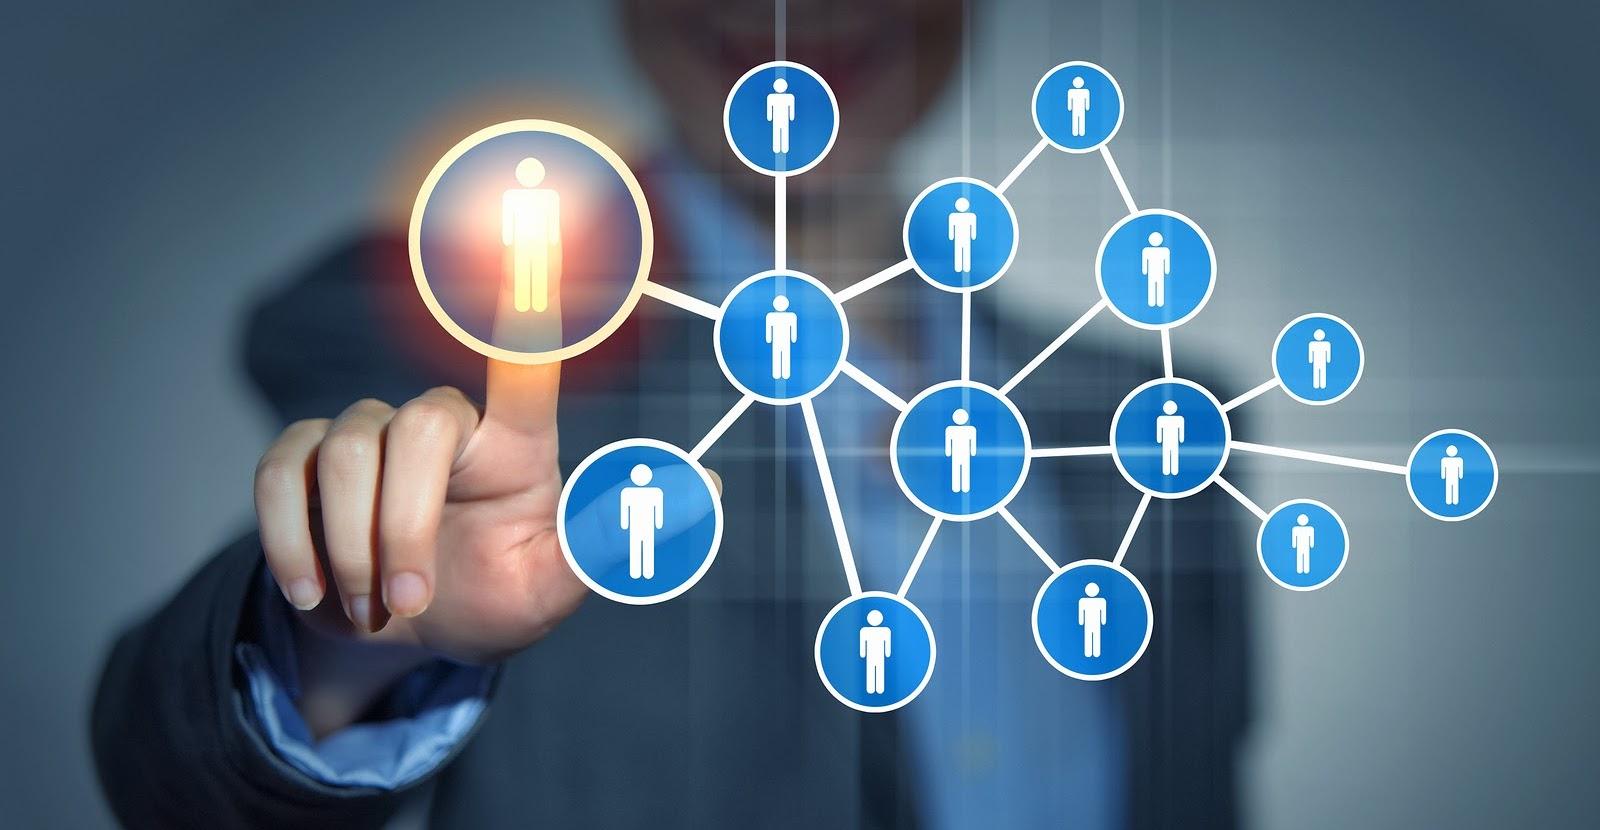 شرکت بازاریابی شبکه ای / حقیقت آنها چیست ؟